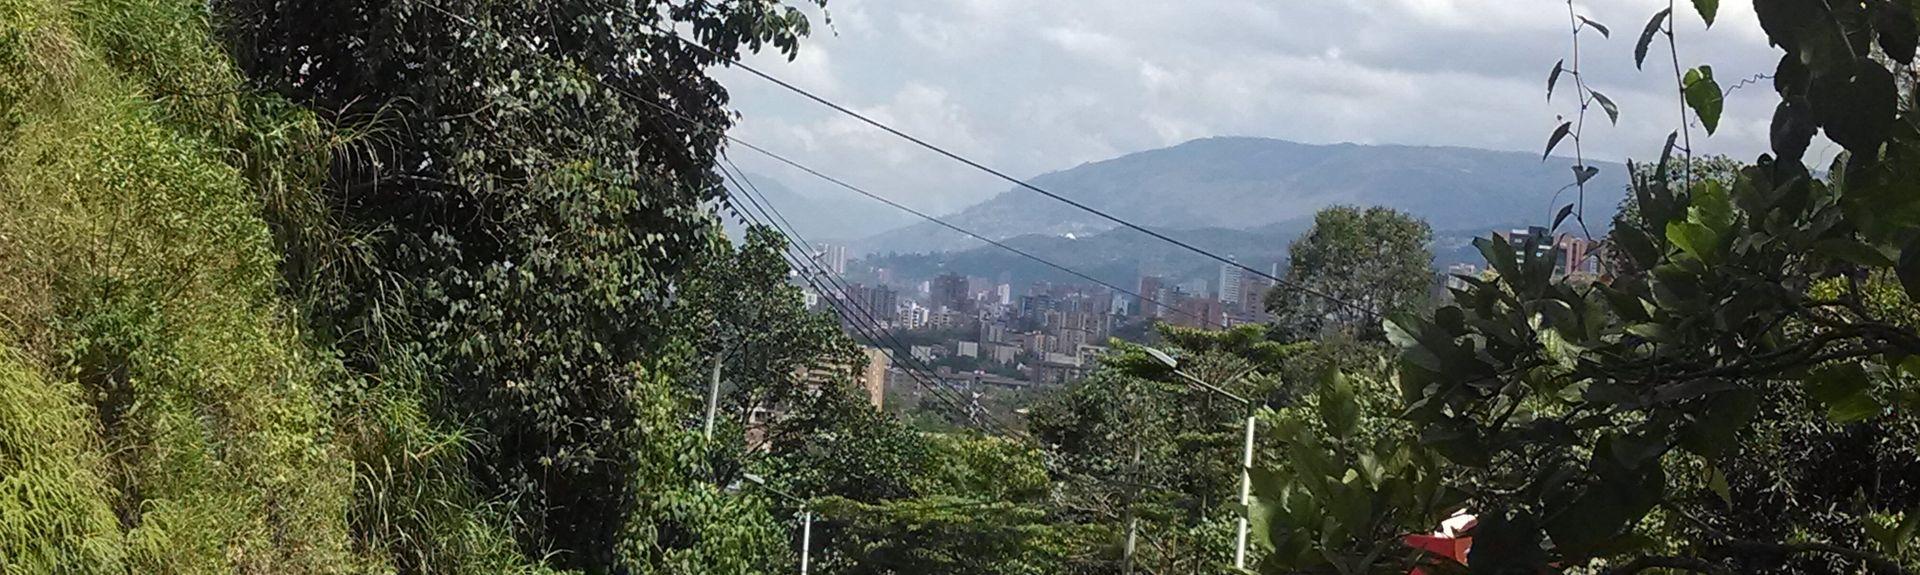 Envigado, Envigado, Antioquia, Colombia